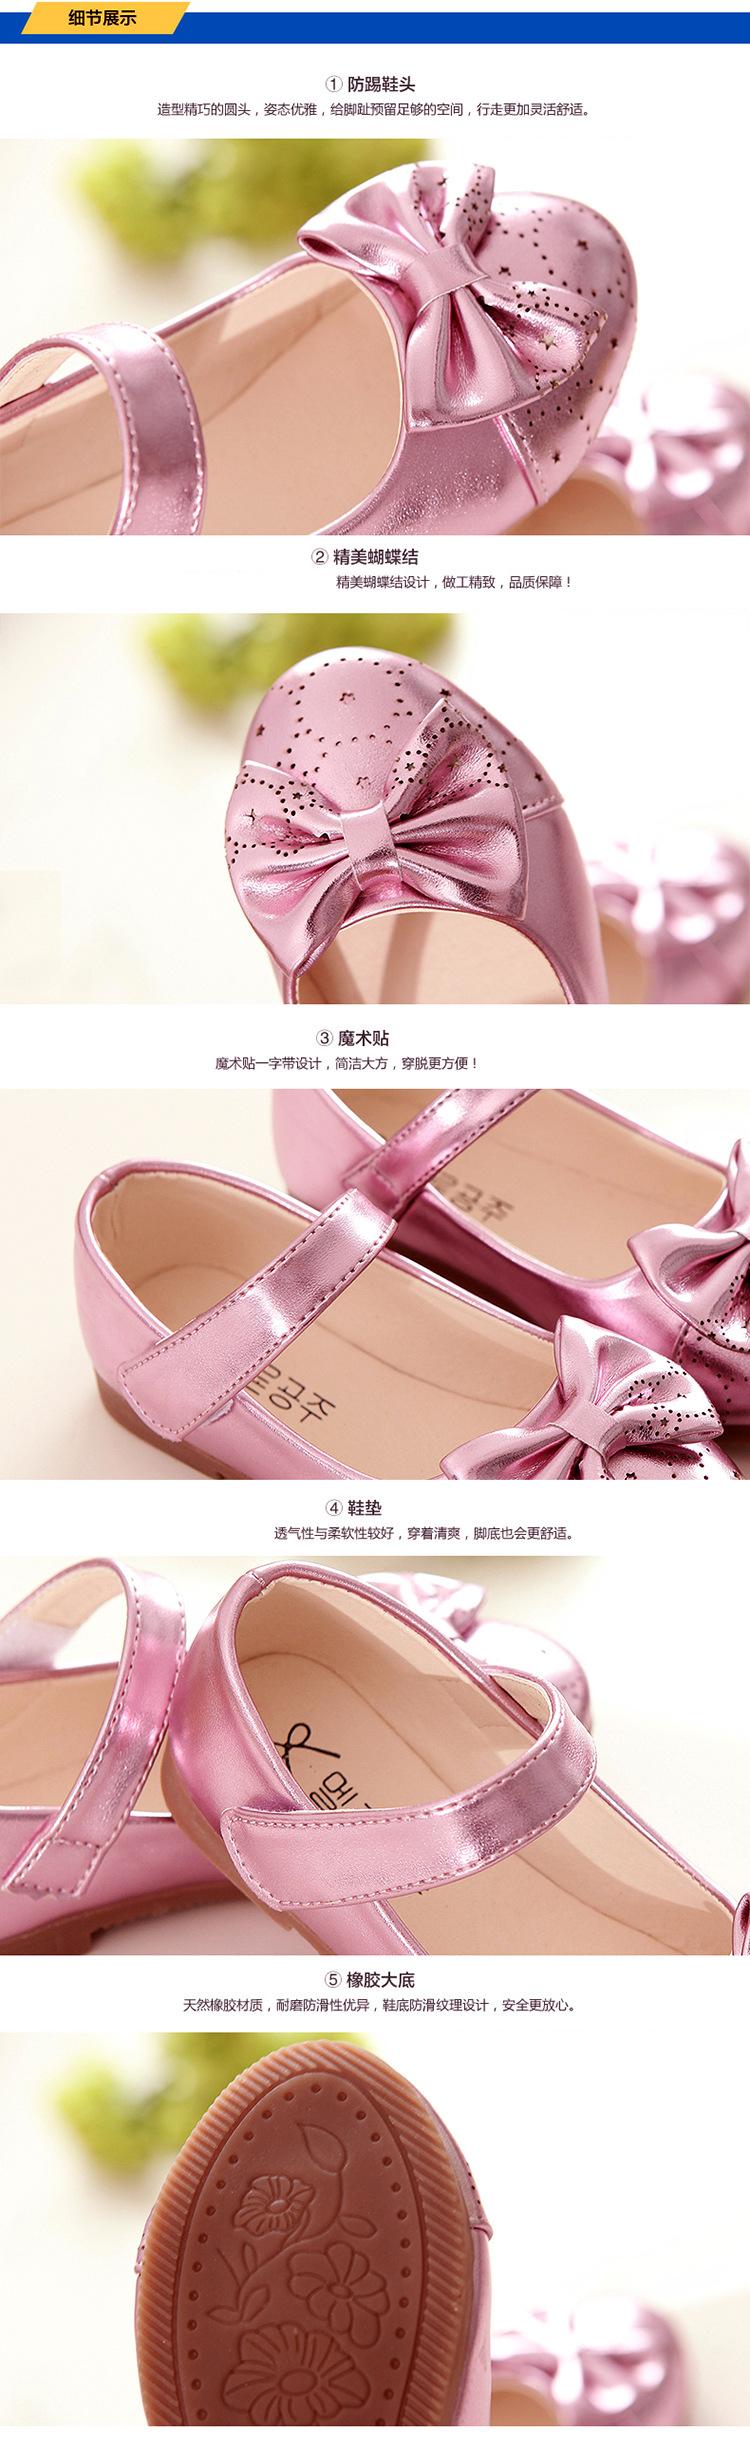 Bonito Zapatos De Vestir Para Una Boda Imágenes - Colección de ...